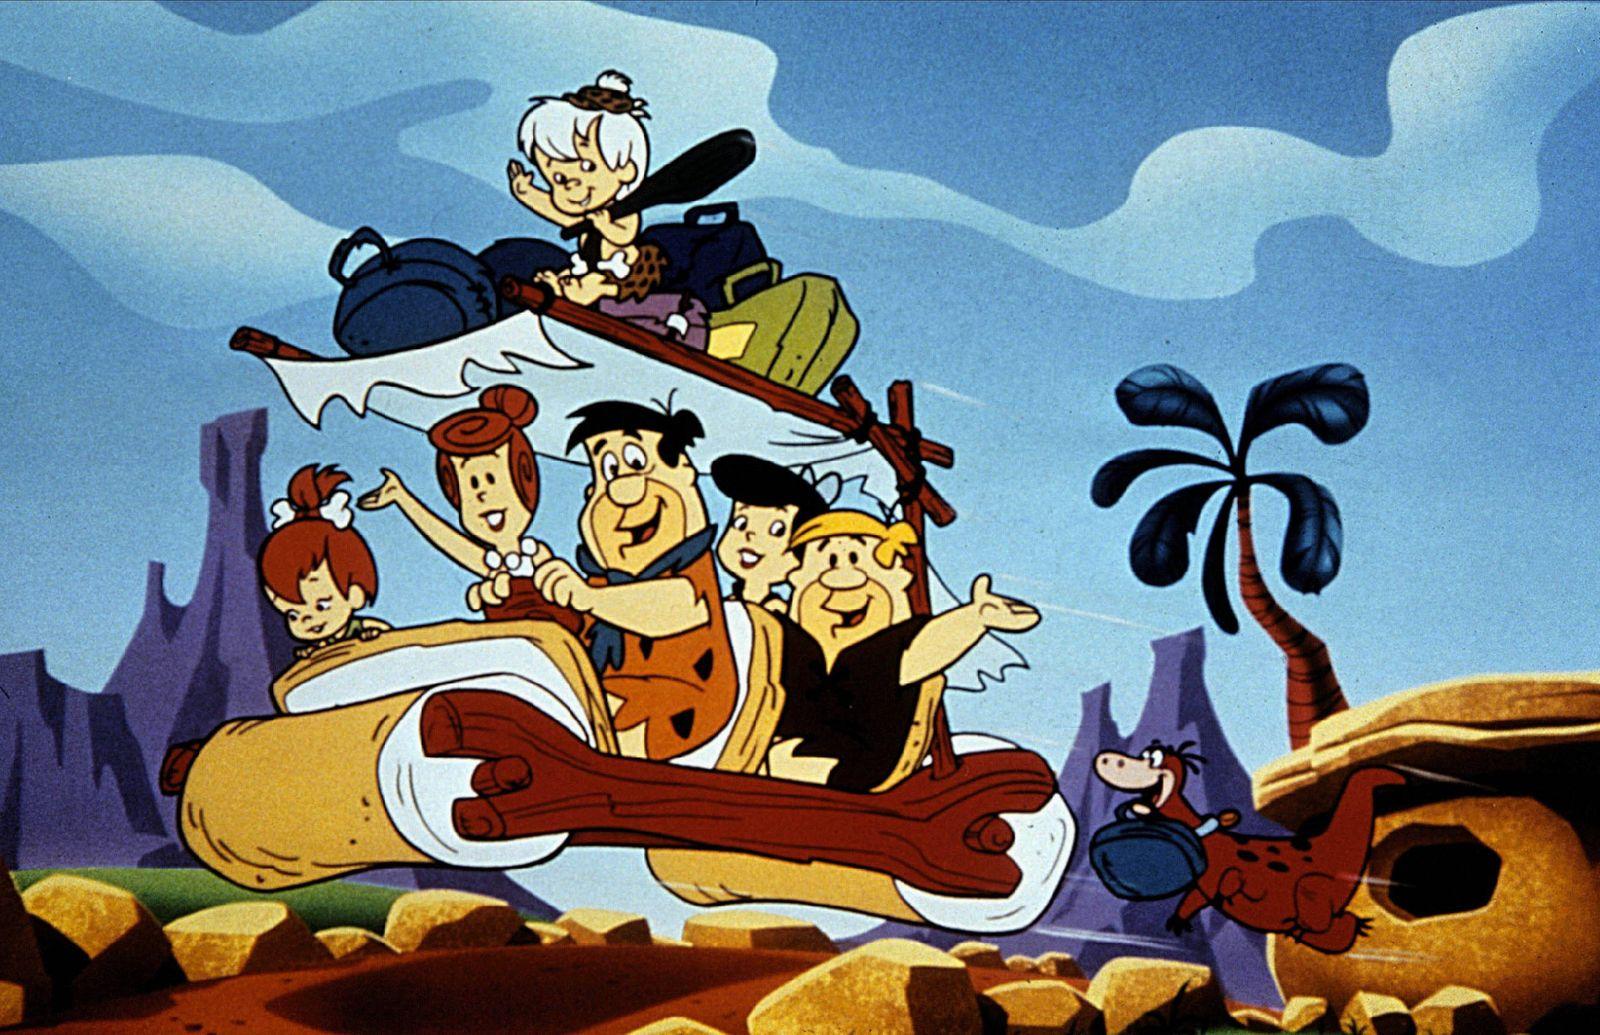 Wilma, Fred Flintstone ,Betty, Barney Rubble & Dino Characters: ,Fred Flintstone,,Barney Rubble & Dino Television: The